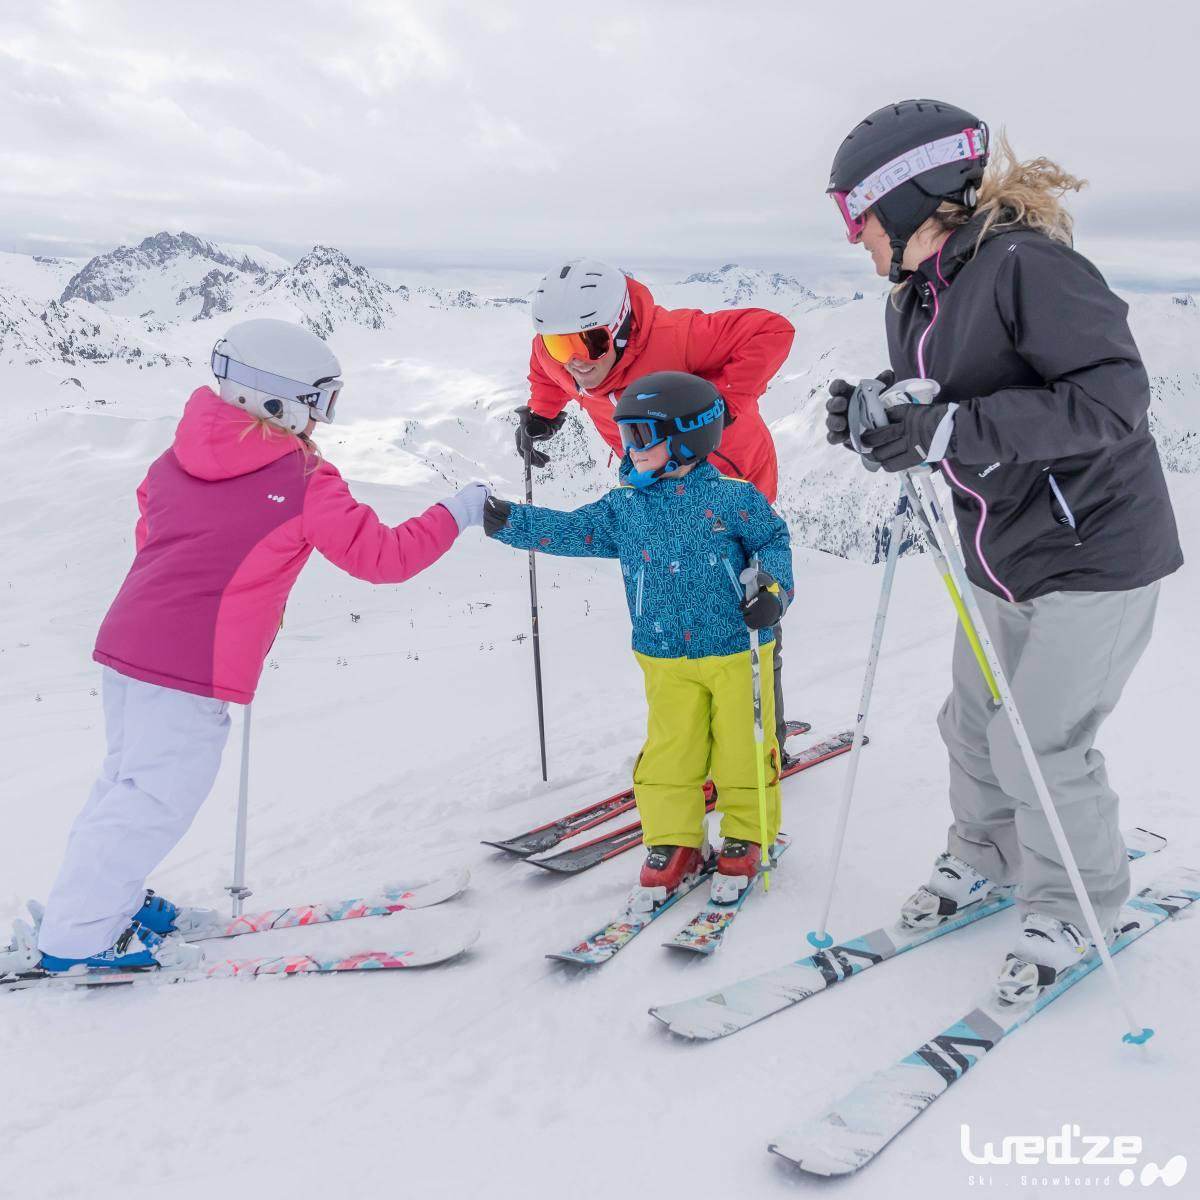 Kış Sporları Nelerdir?